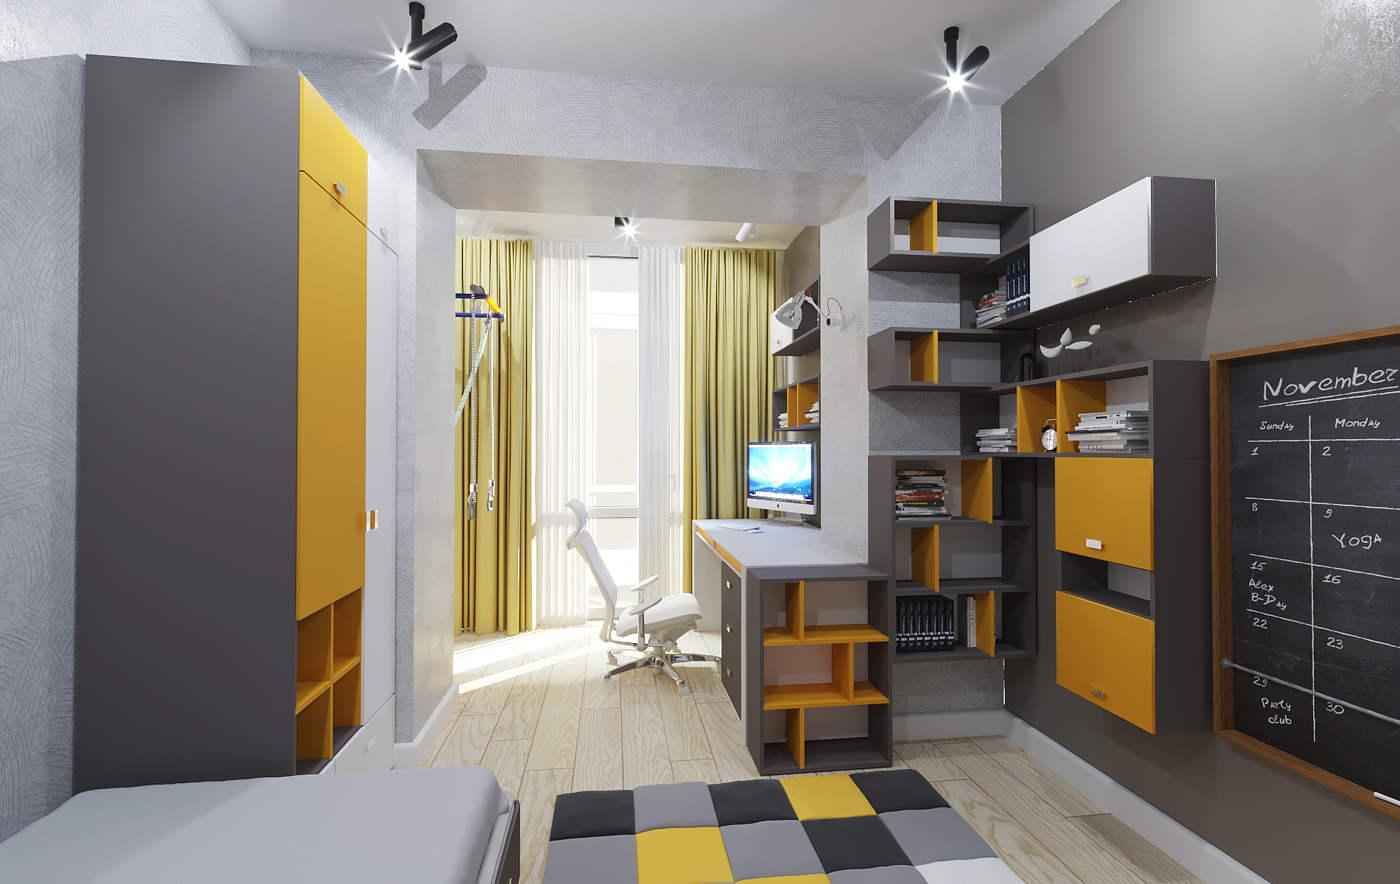 Дизайн детской комнаты Киев рабочее место лофт современный стиль идеи стильная интересное решение доска для мела на стене для подростка